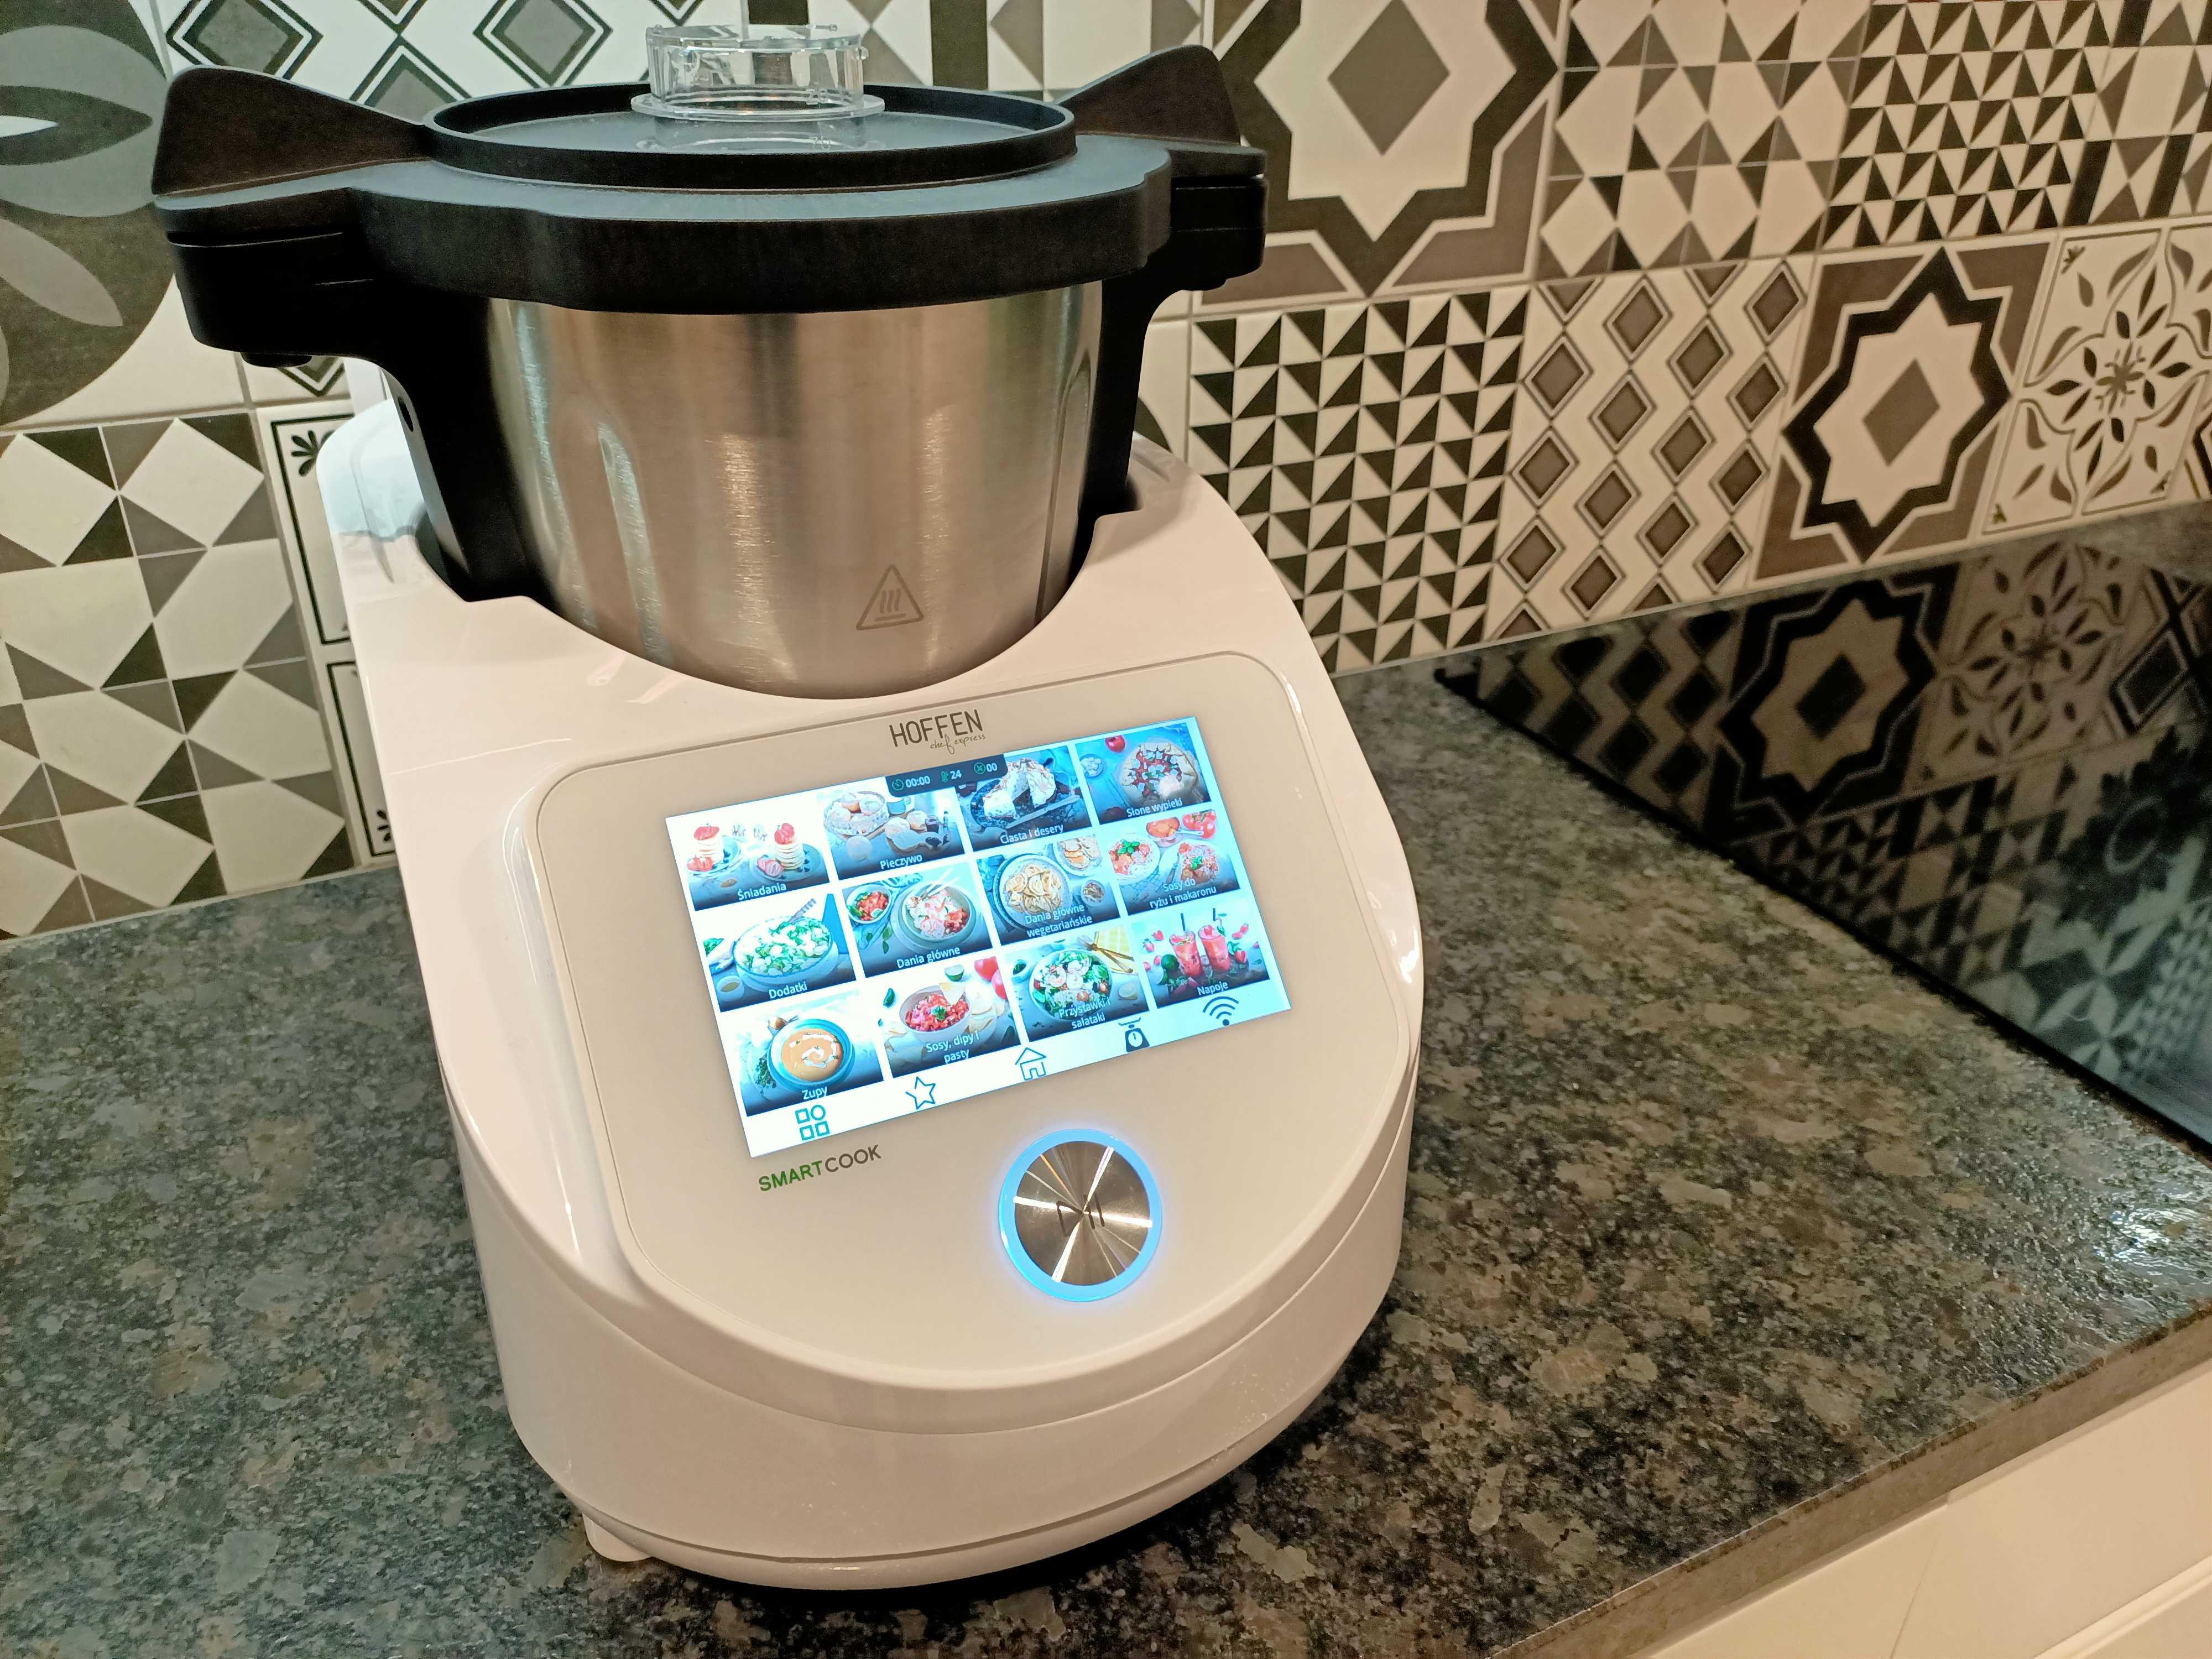 Czy warto kupić Hoffen Smart Chef Express?